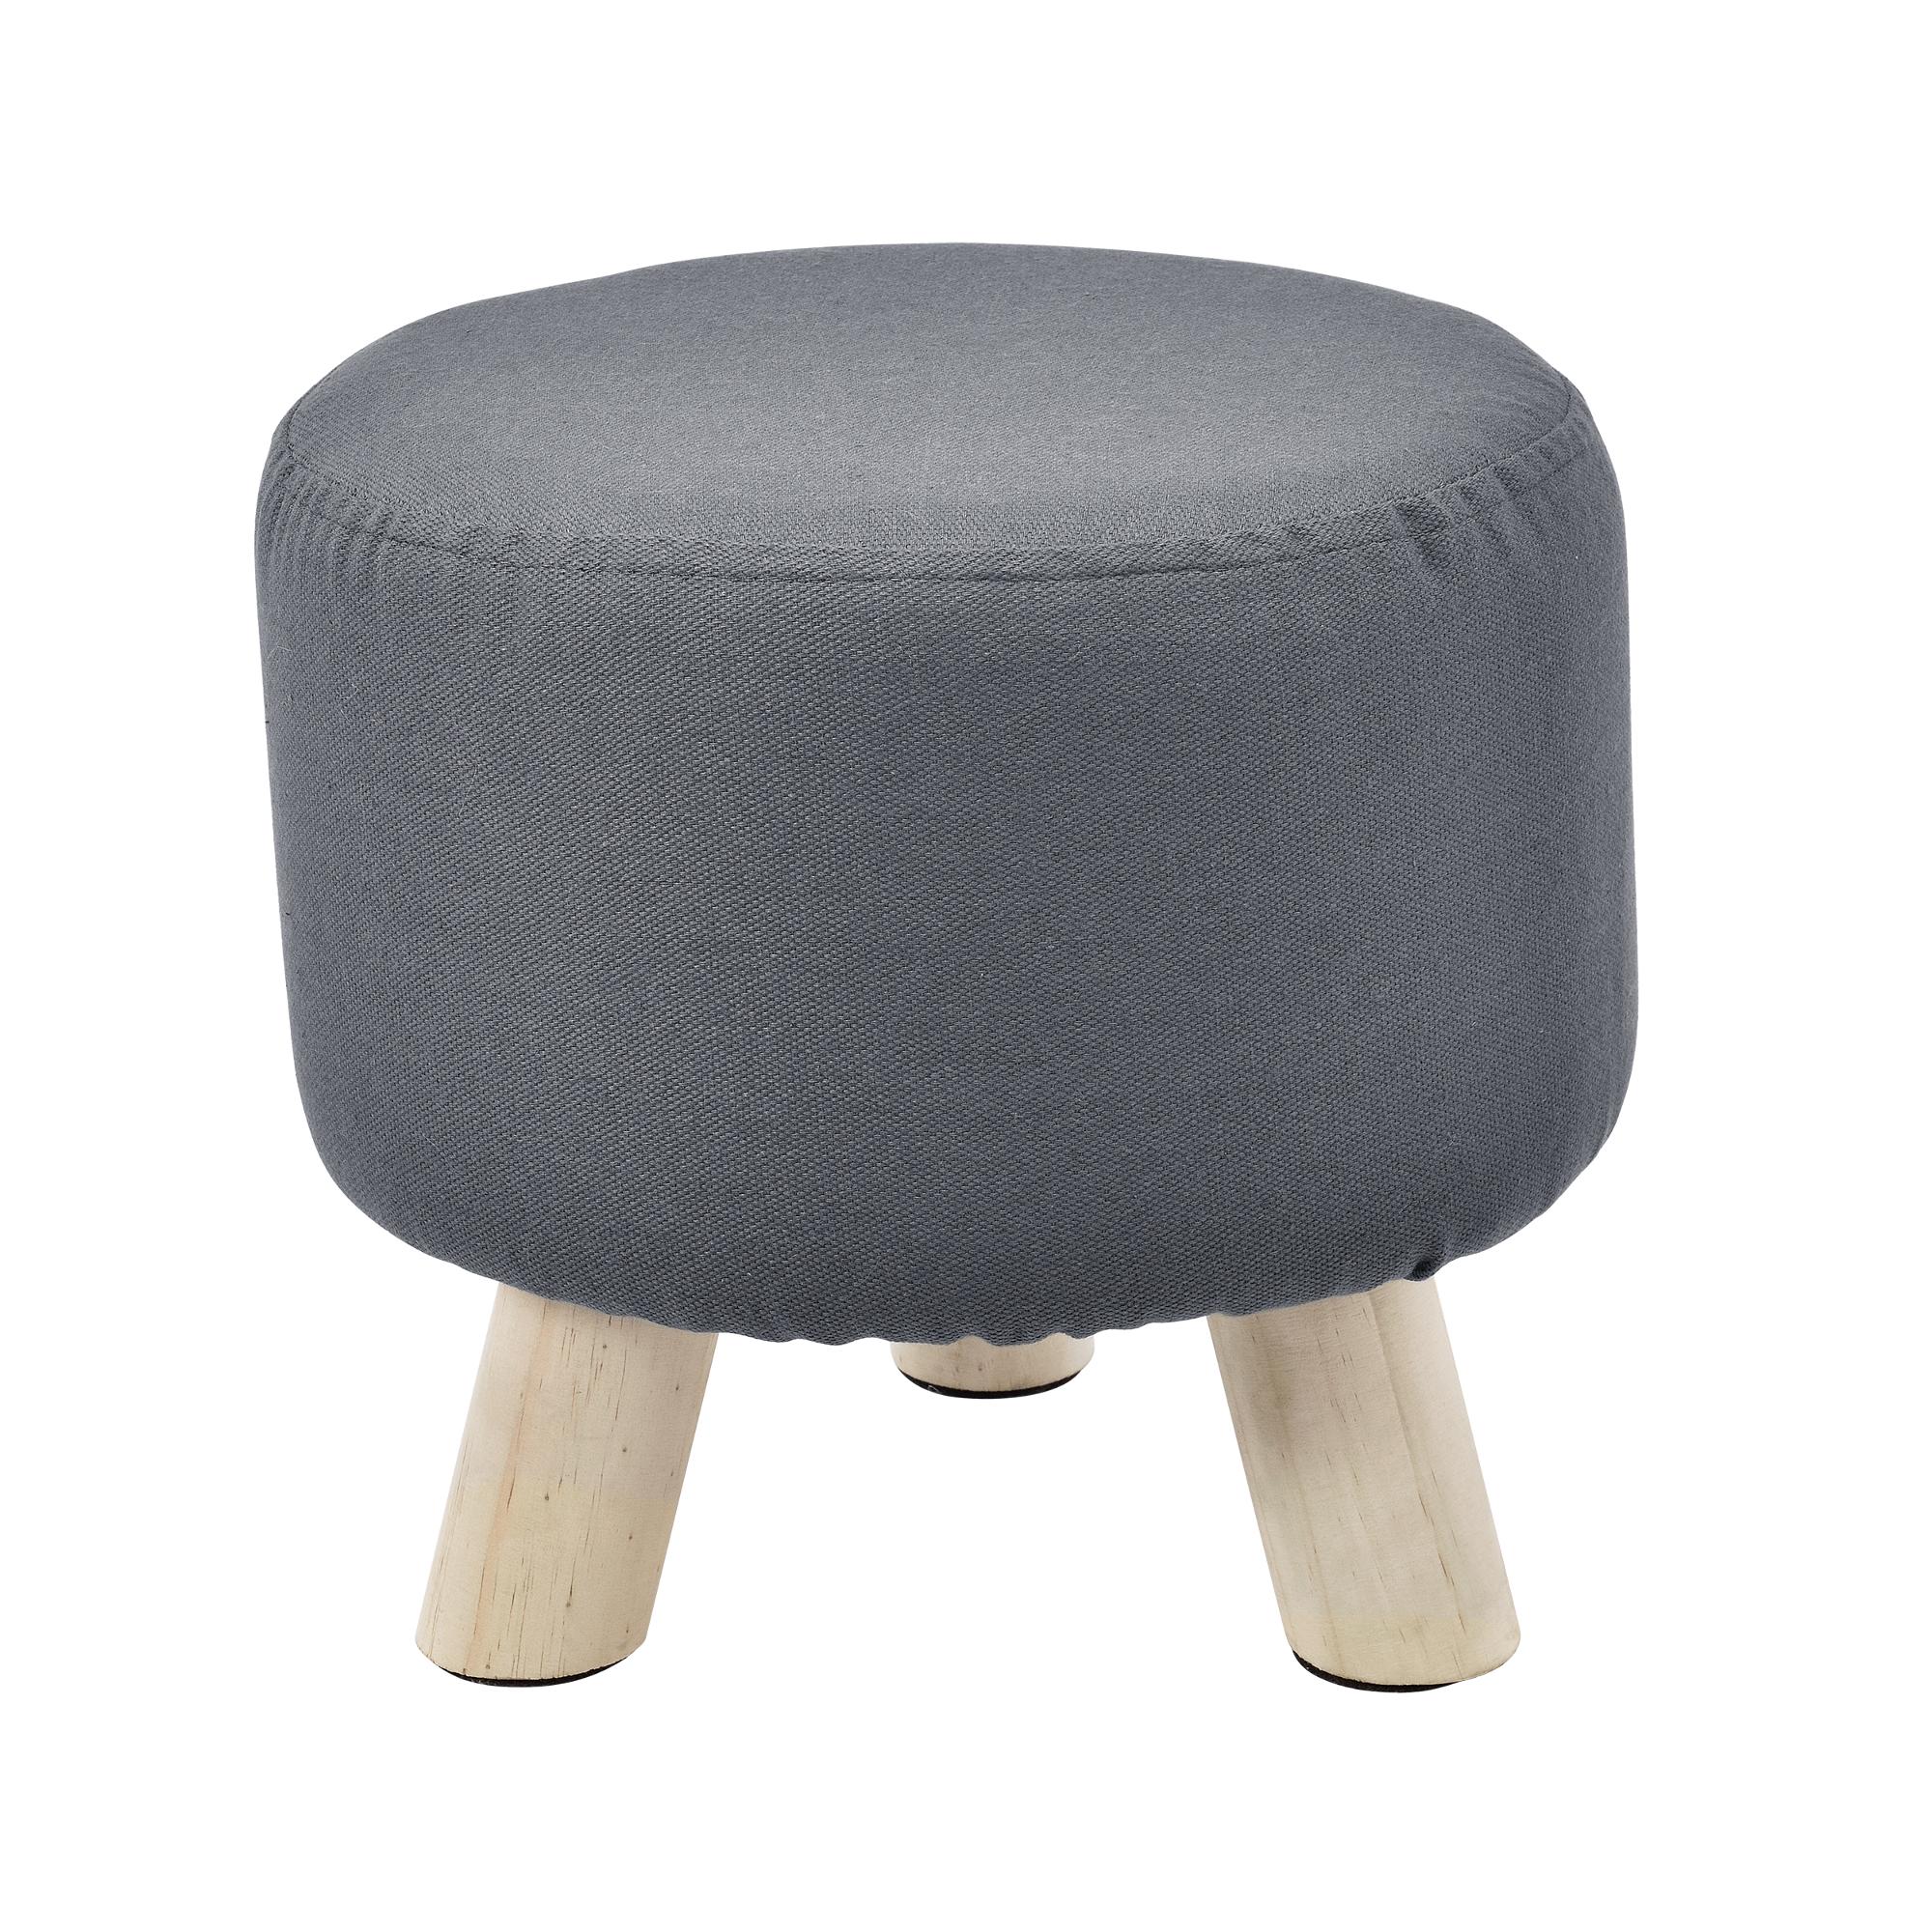 sitz hocker rund polsterhocker sitzhocker badhocker gepolstert textil ebay. Black Bedroom Furniture Sets. Home Design Ideas